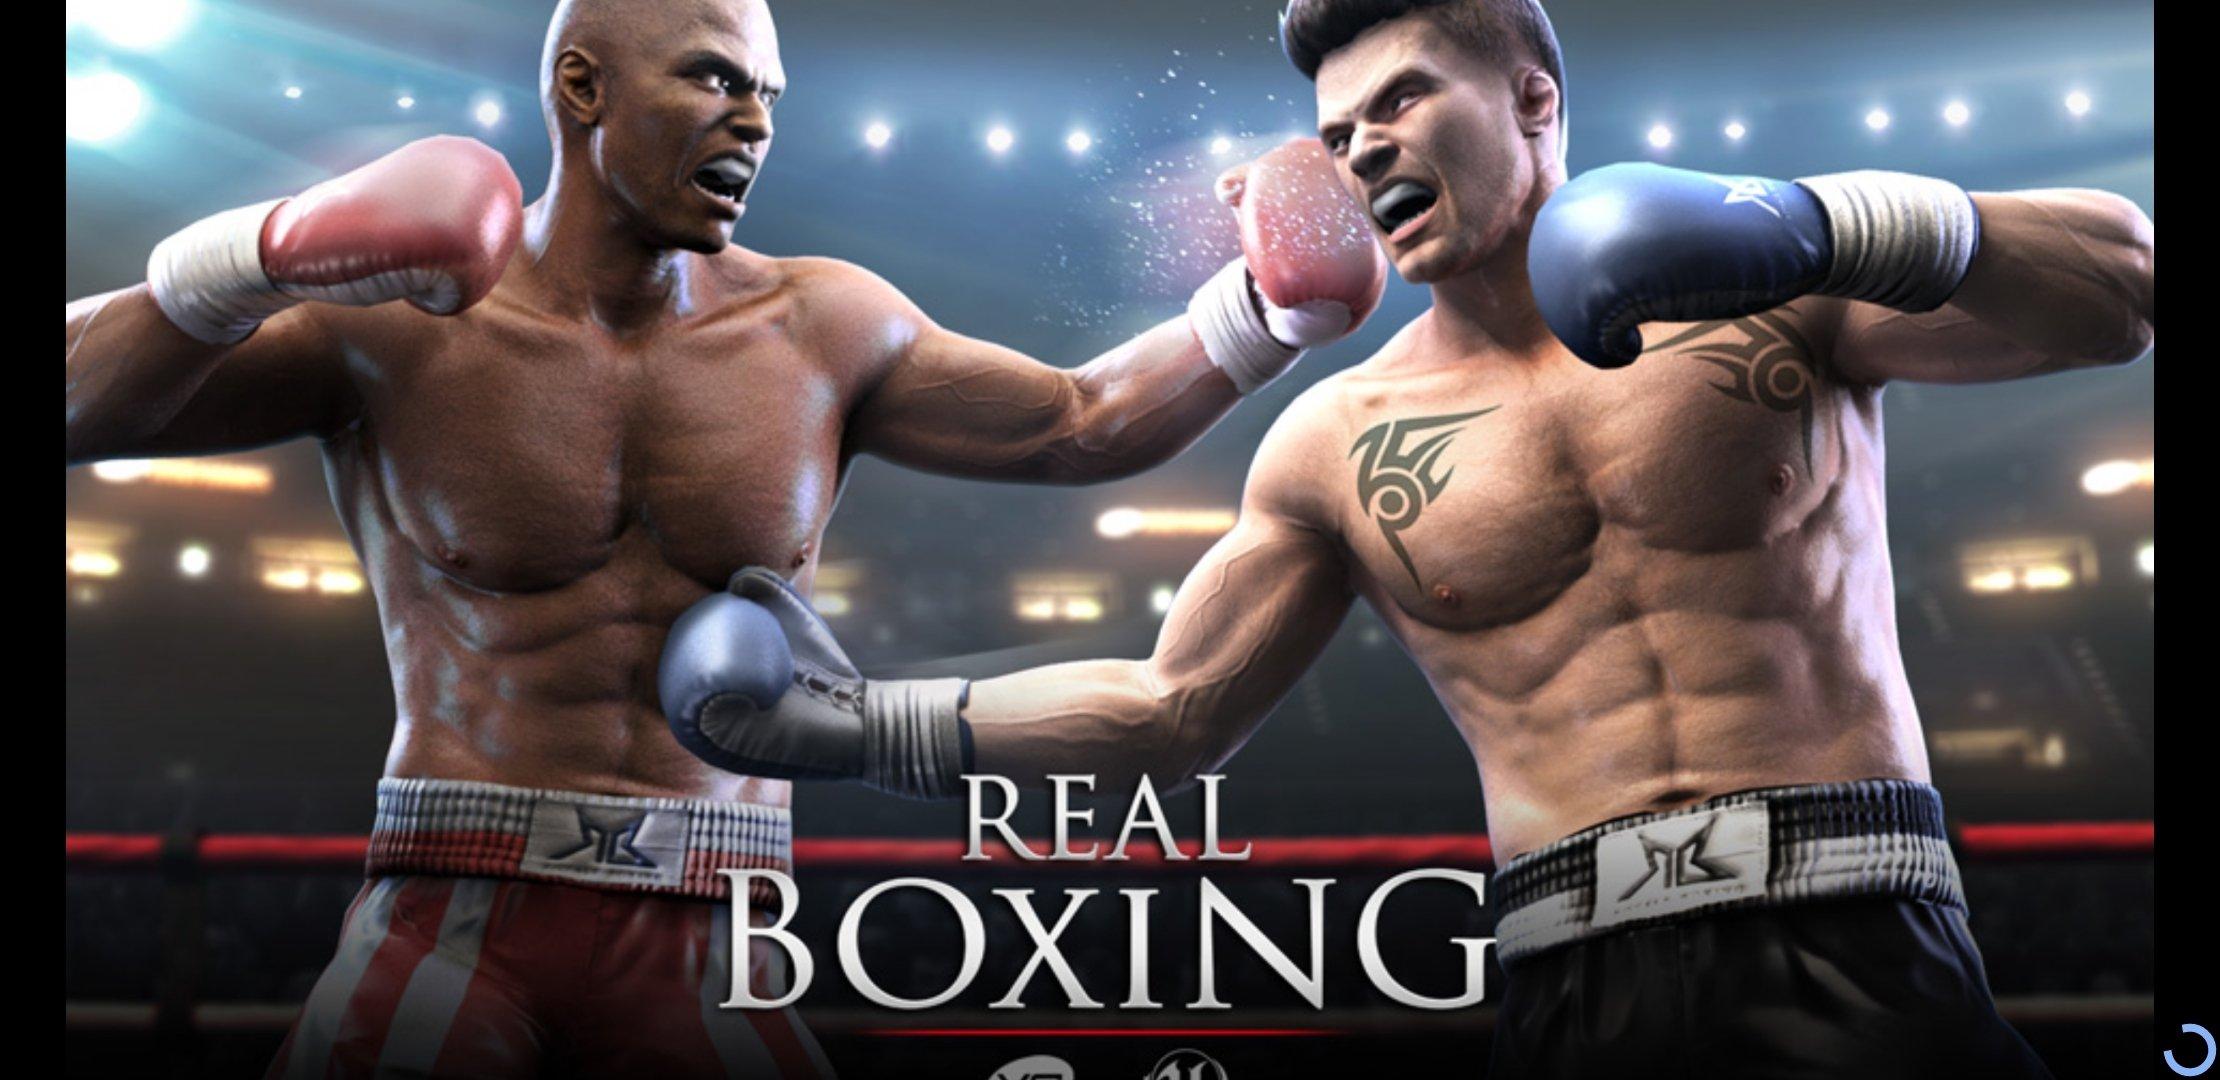 Dowload real boxing 2